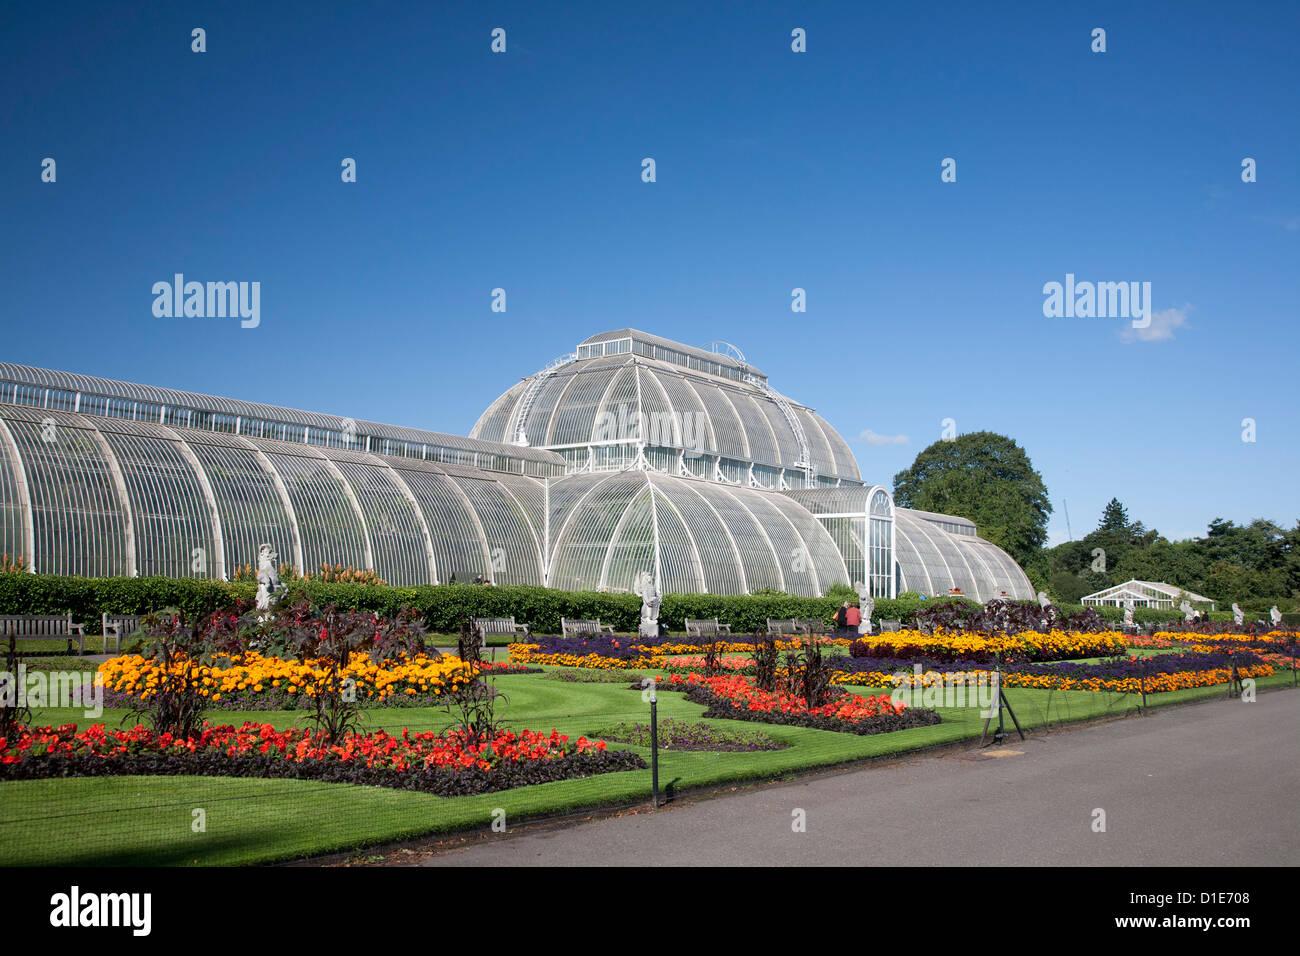 La Casa de las palmeras del parterre con adorno floral de aprox 16000 plantas, Royal Botanic Gardens, Kew, cerca Imagen De Stock